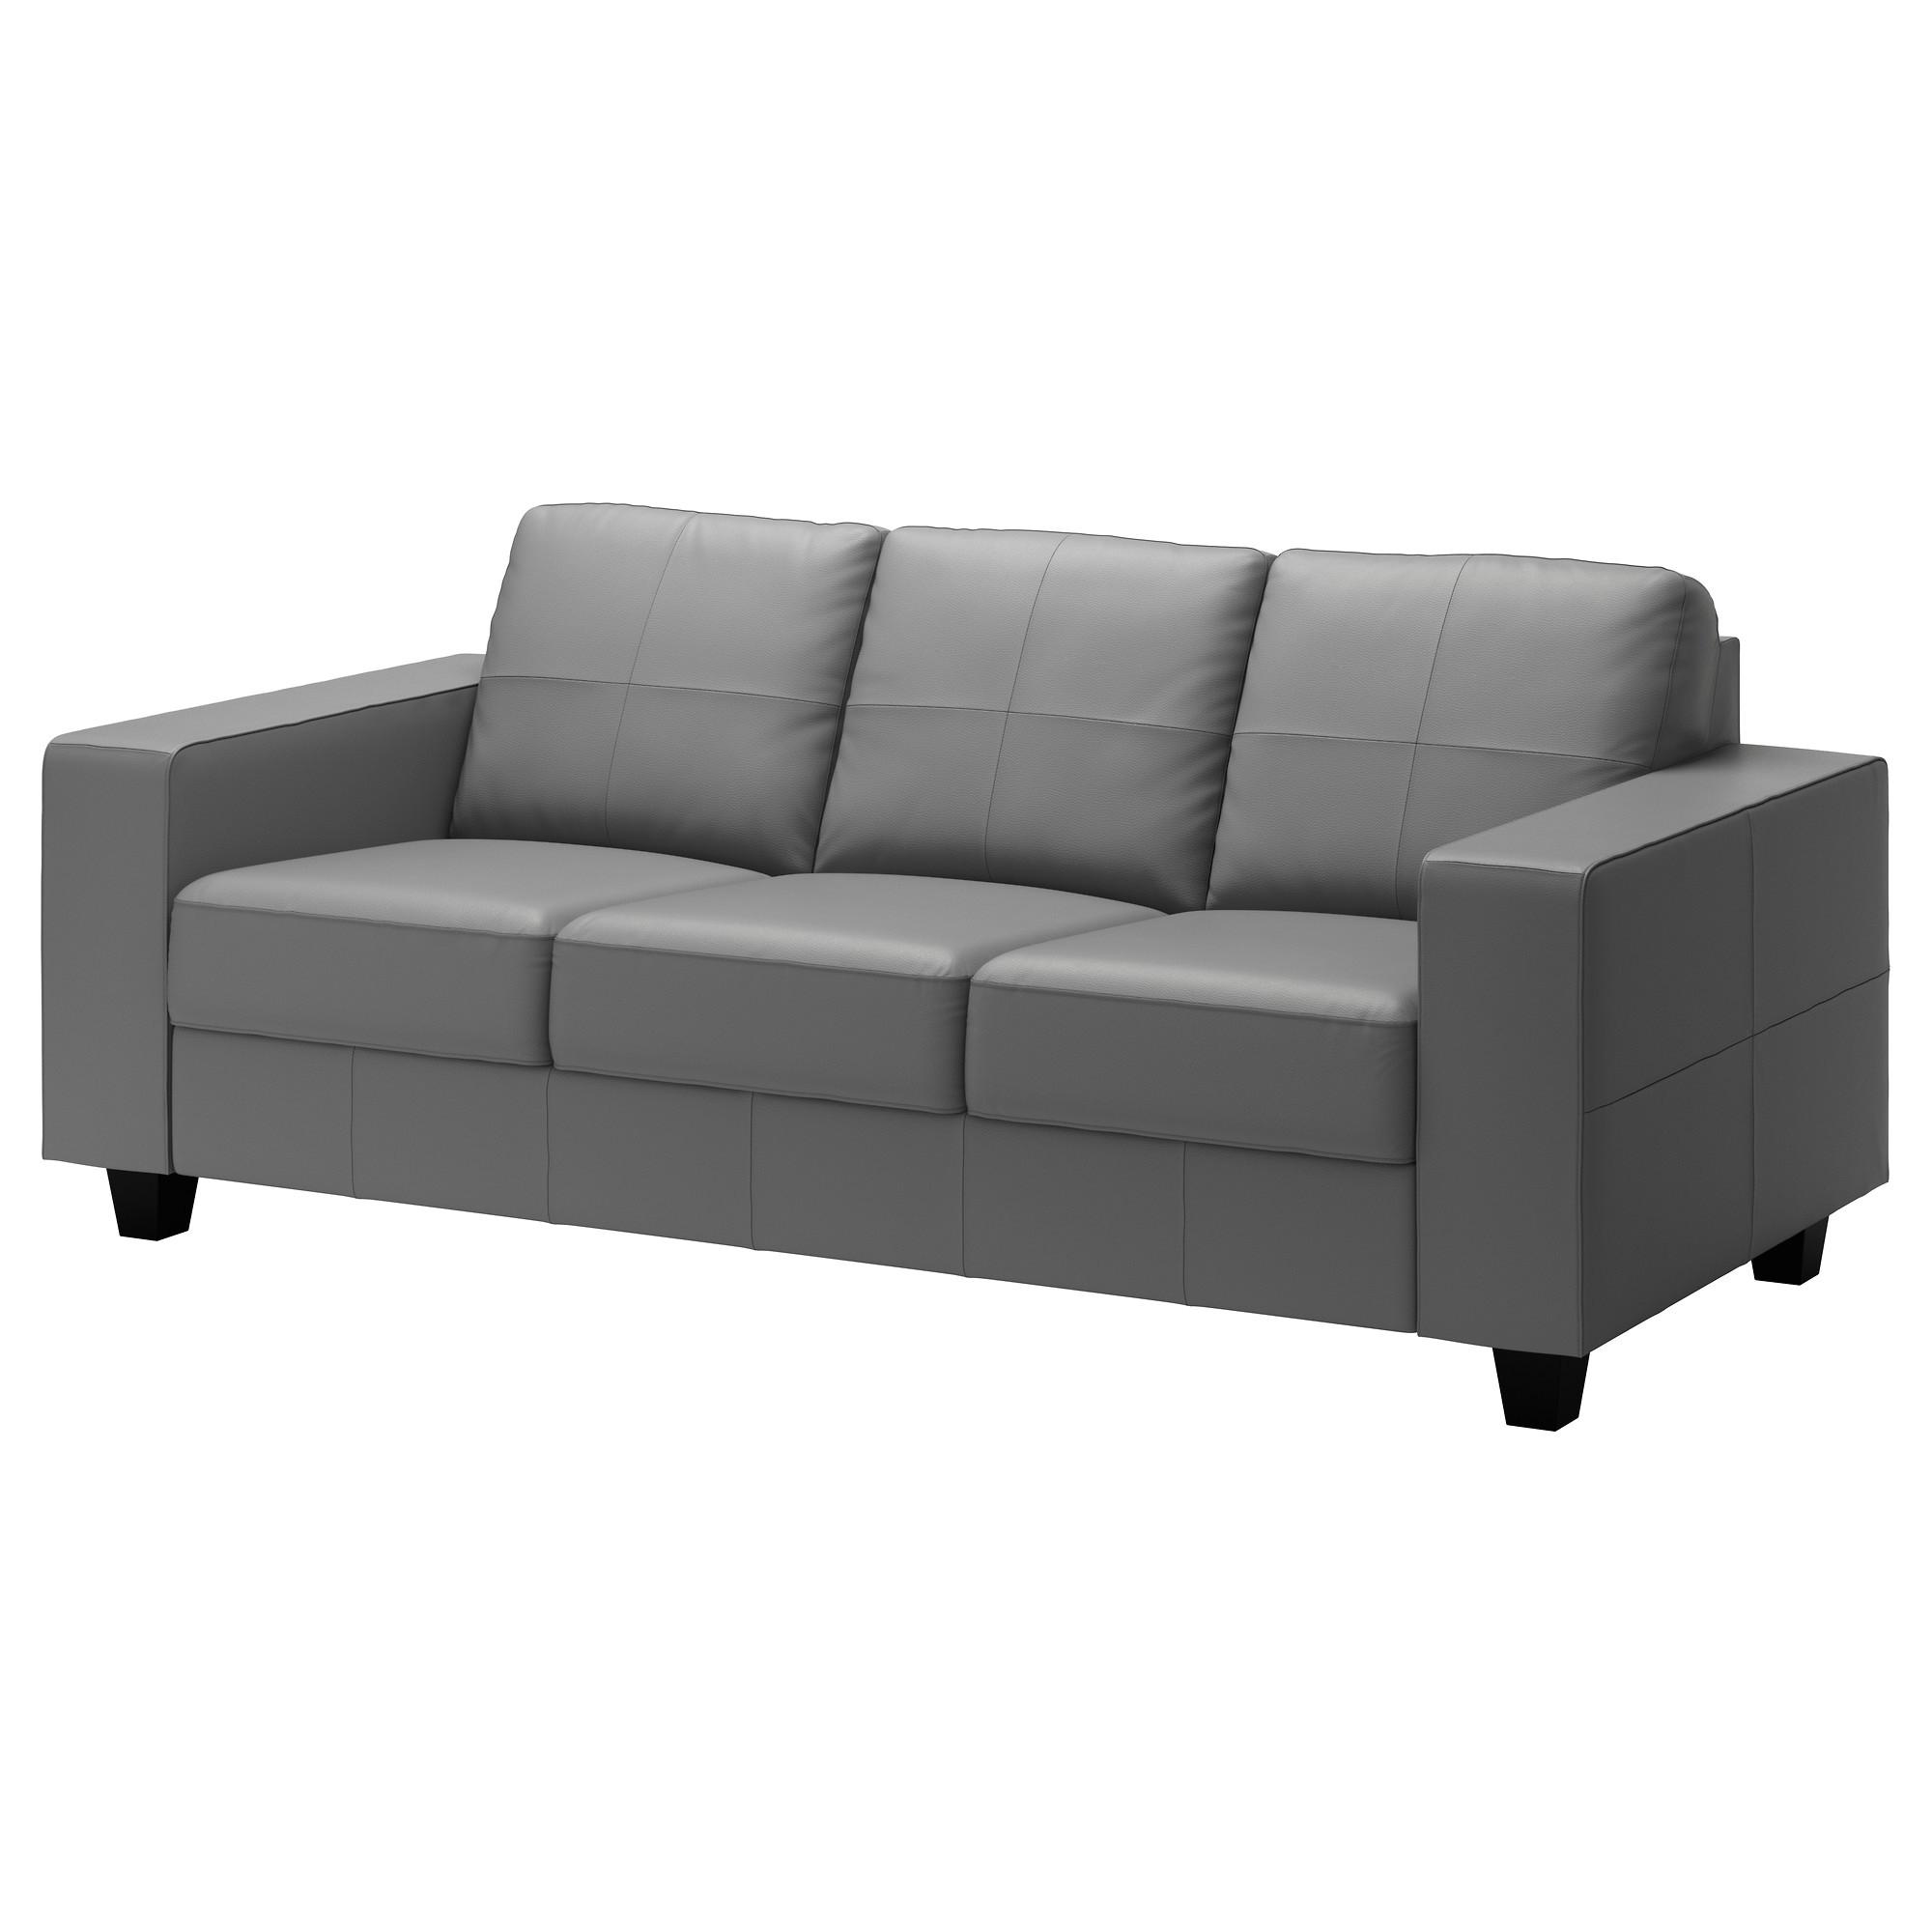 futon sofa ikea einzigartig furniture friheten sofa bed review ikea futon sofa ikea pull in pull